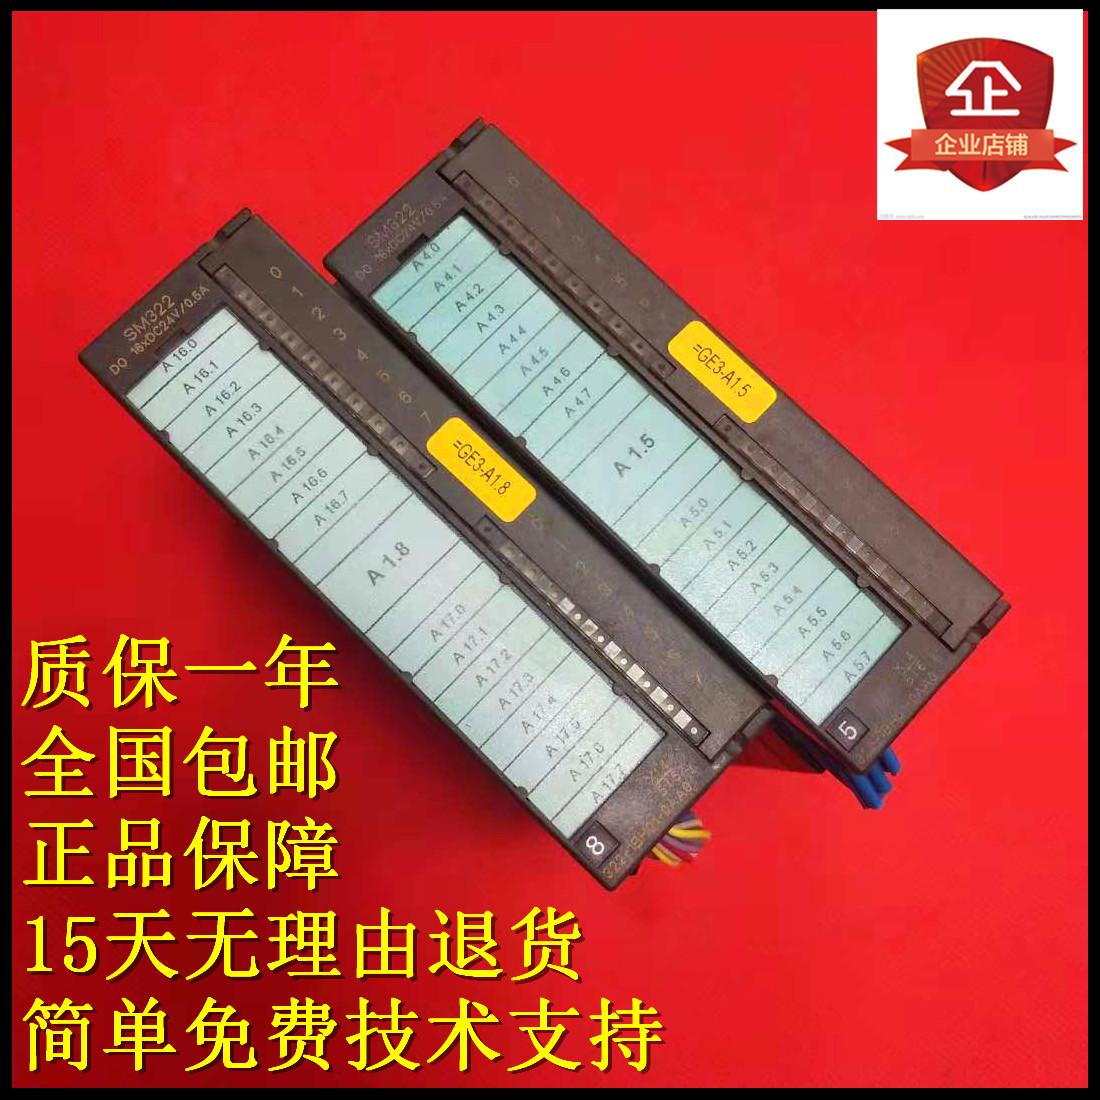 二手西门子PLC 6ES7322-1BH01-0AA0原装6ES7 322-1BH01-0AA0 回收